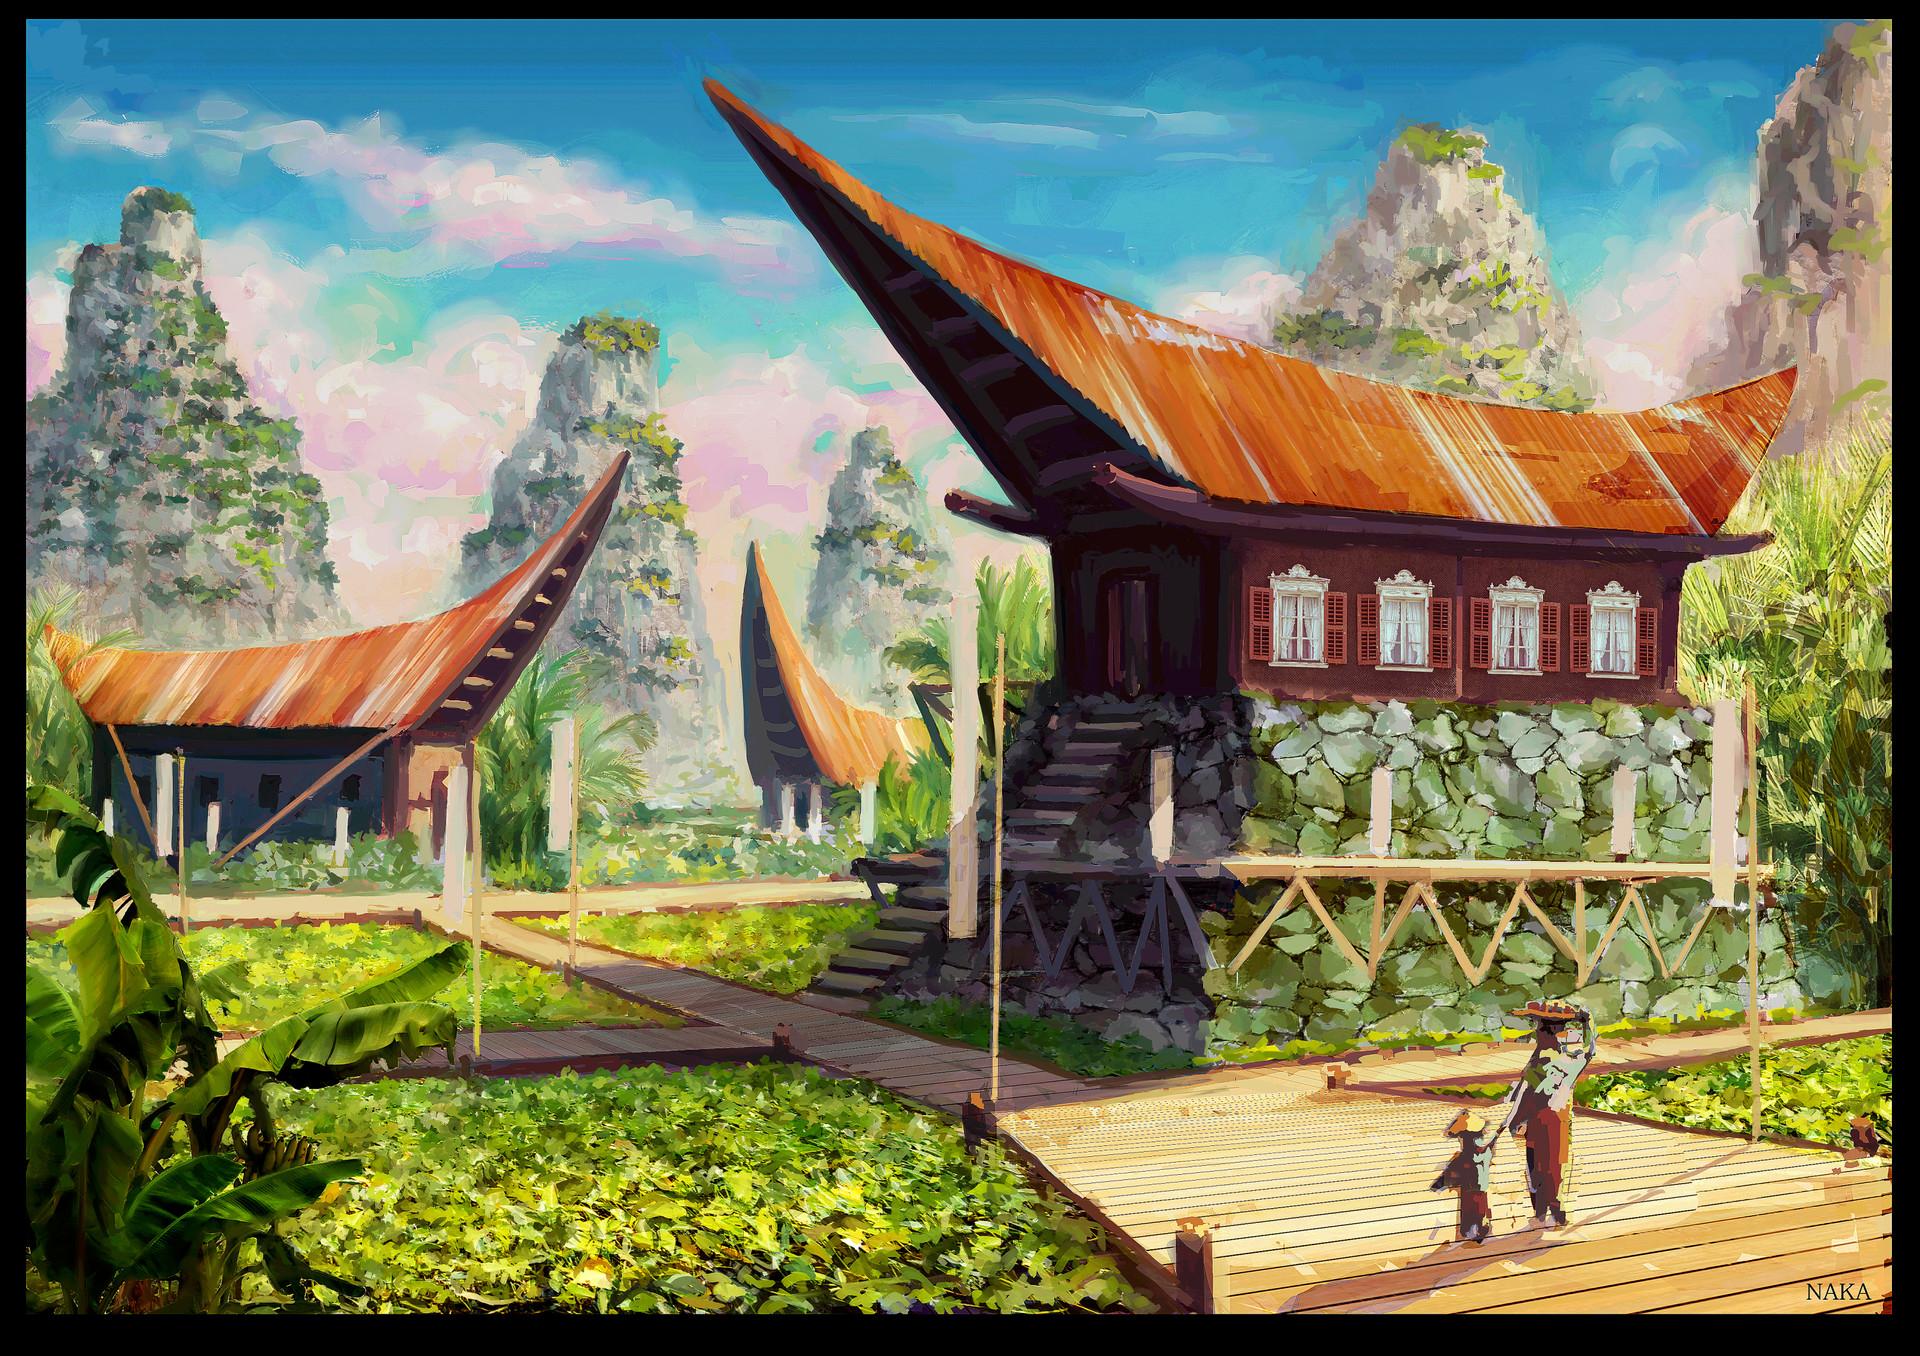 Naka isurita naka talenttree village